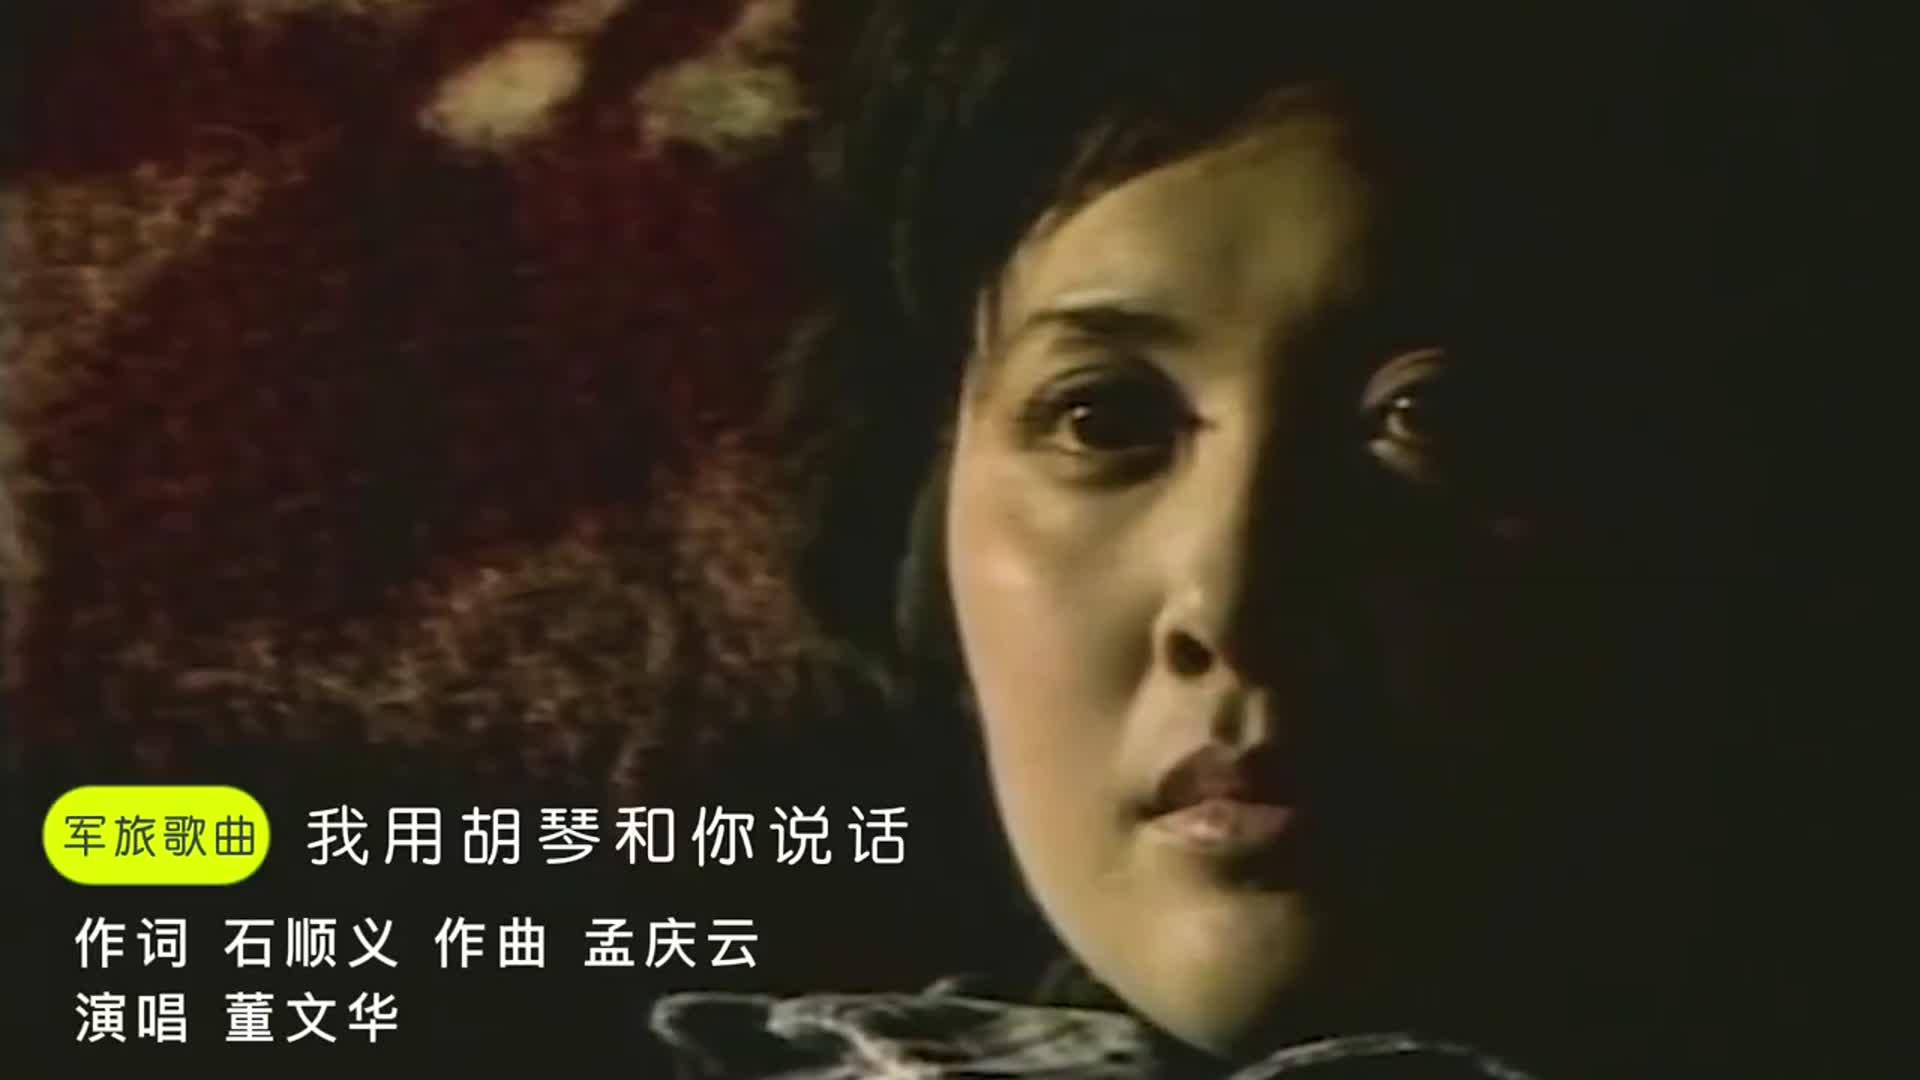 董文华《我用胡琴和你说话》,朱琳演绎金戈铁马,一代人的偶像!